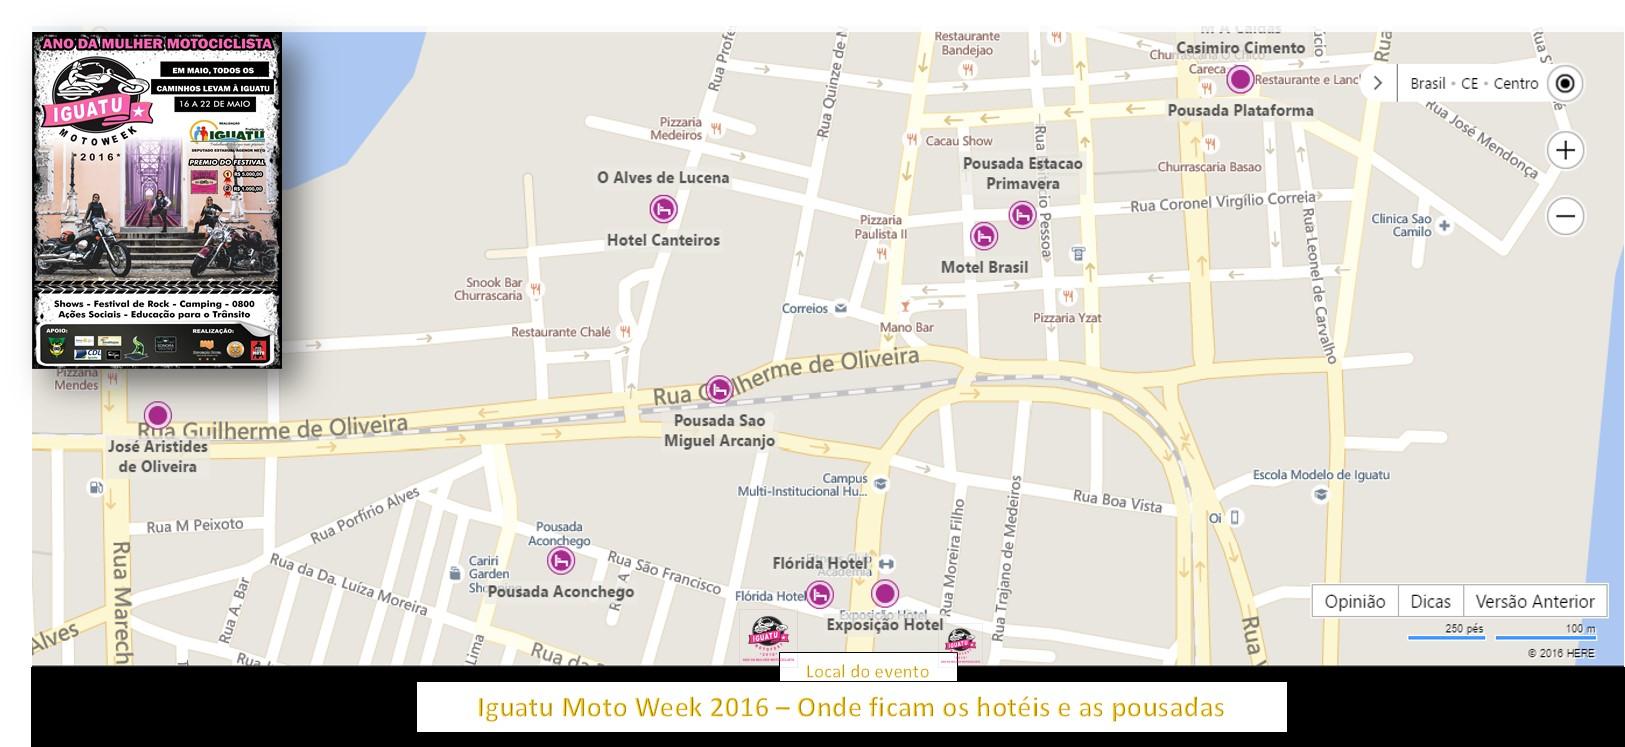 IGUATU MOTO WEEK 2016 – Confira a lista de hotéis e pousadas